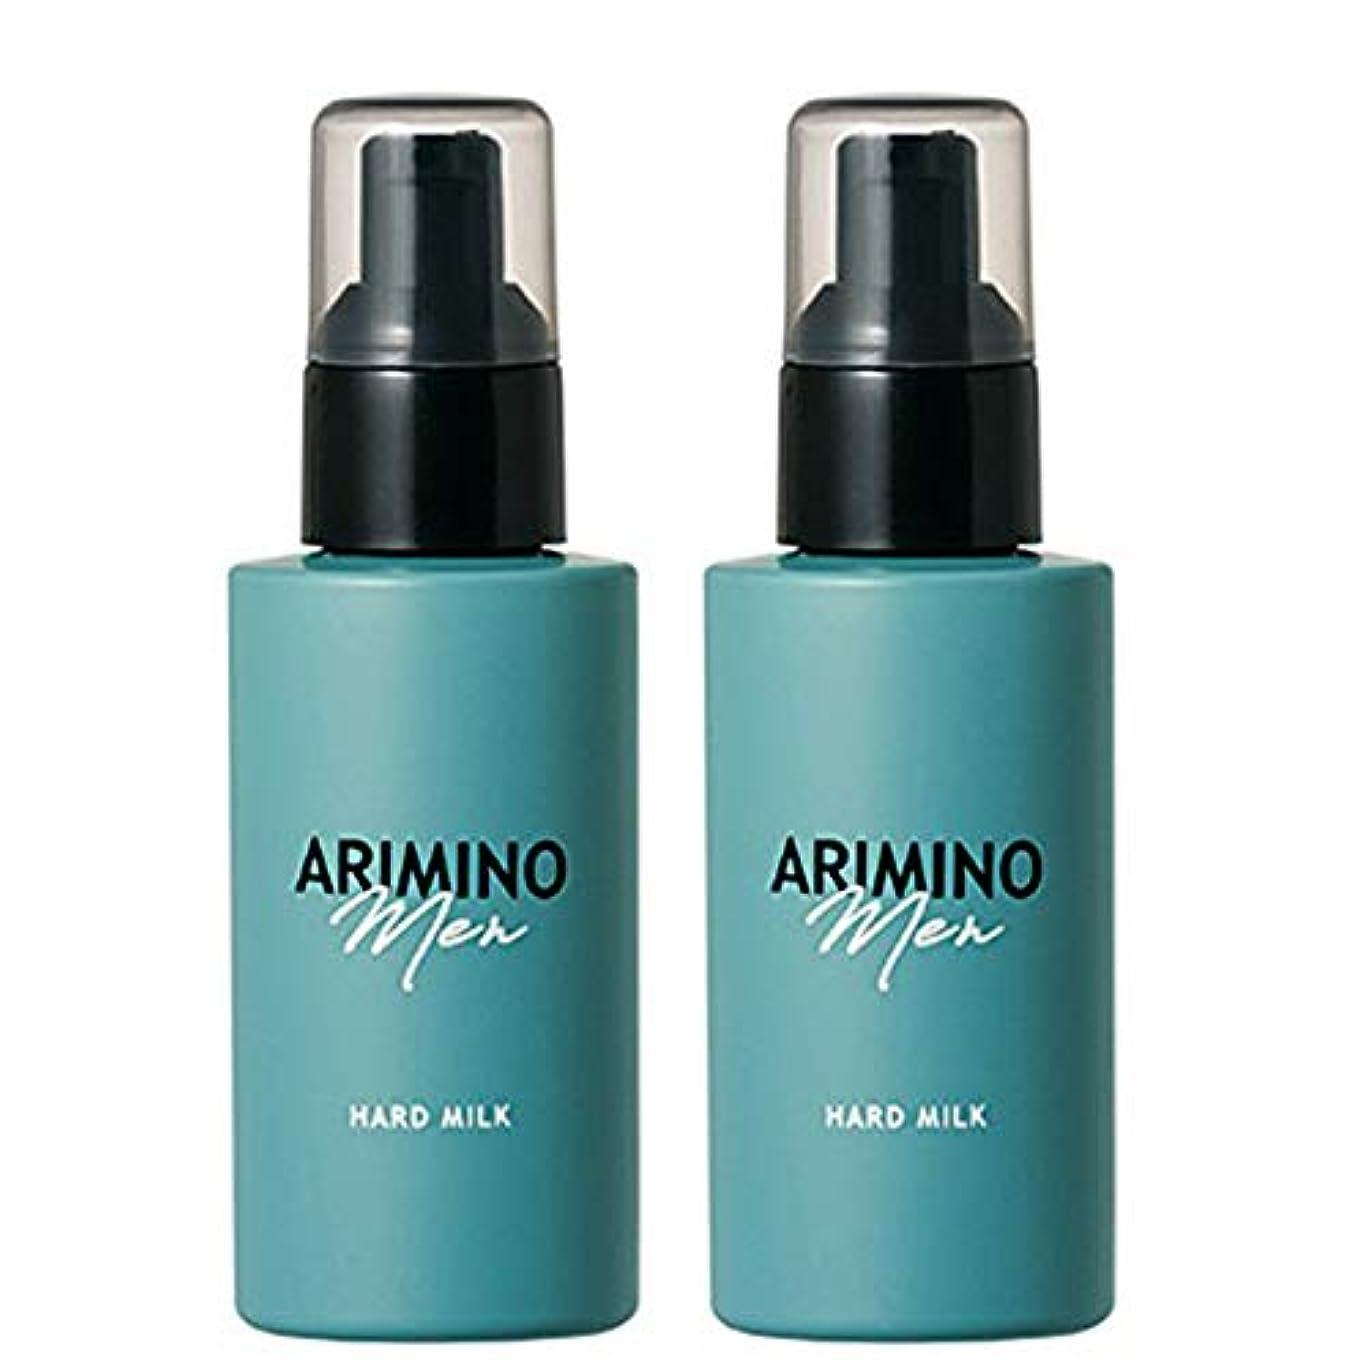 インド禁じる撤回するアリミノ メン ハード ミルク 100g ×2個 セット arimino men